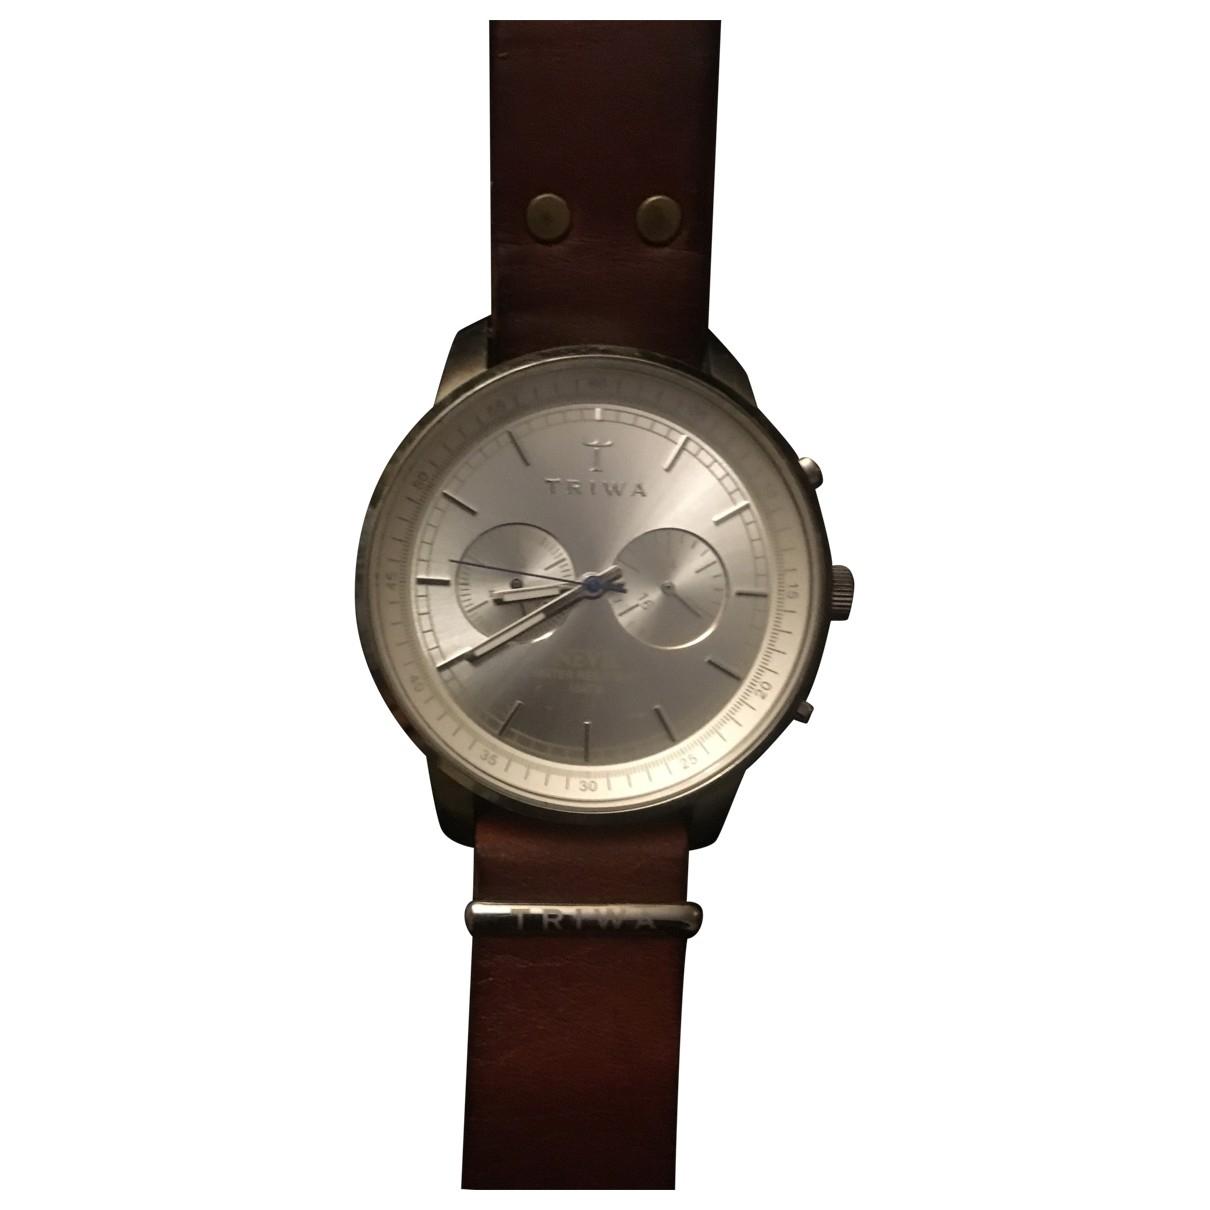 Triwa \N Brown Steel watch for Men \N